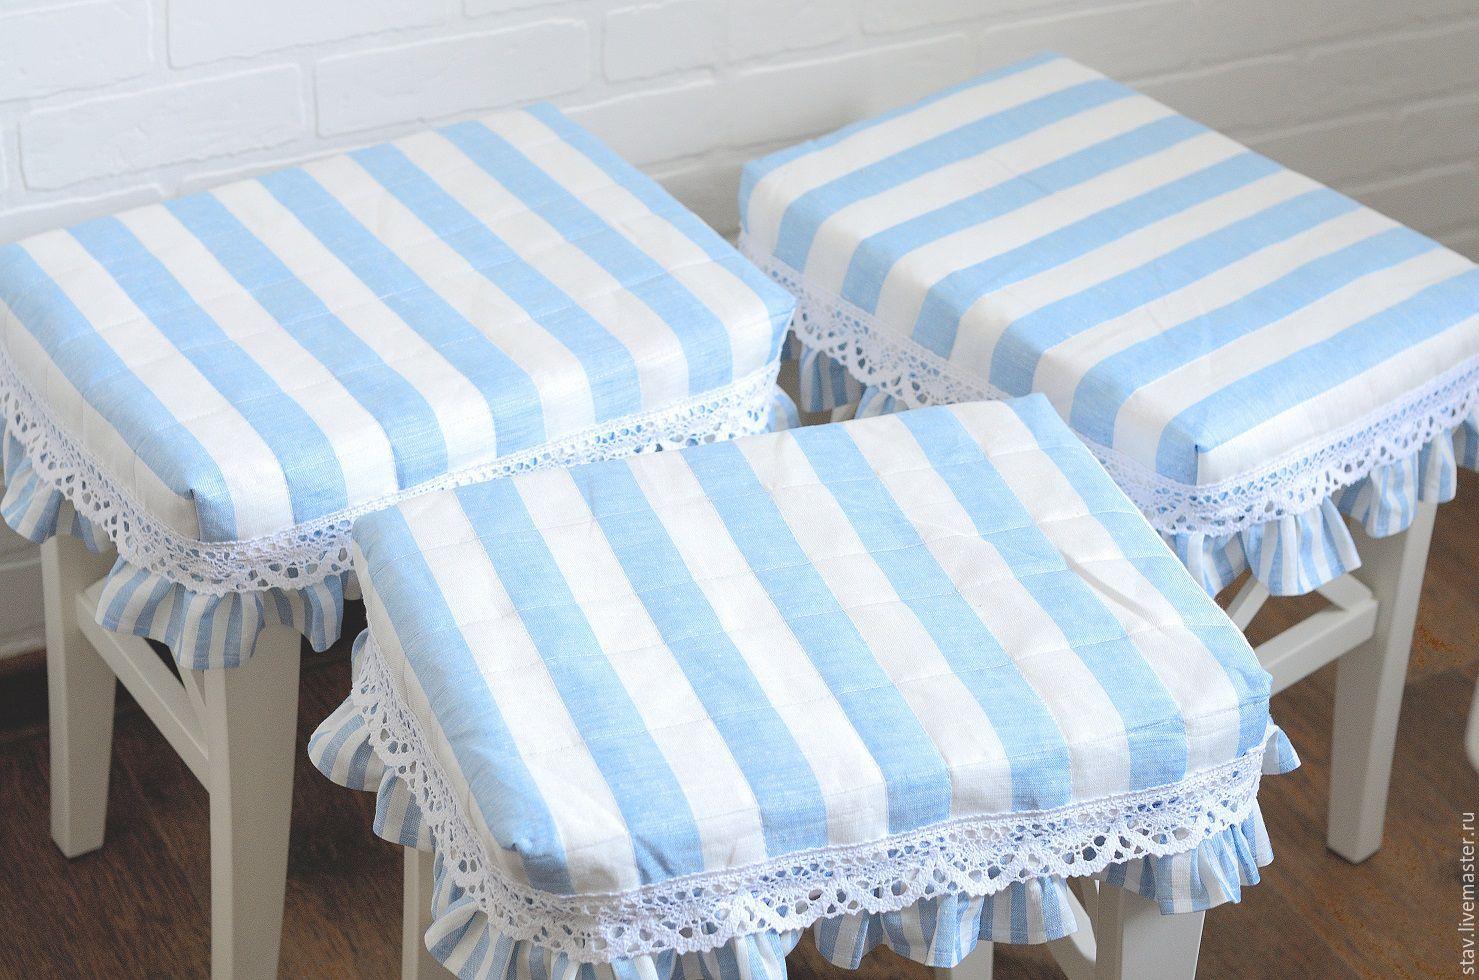 taie d'oreiller sur le tabouret